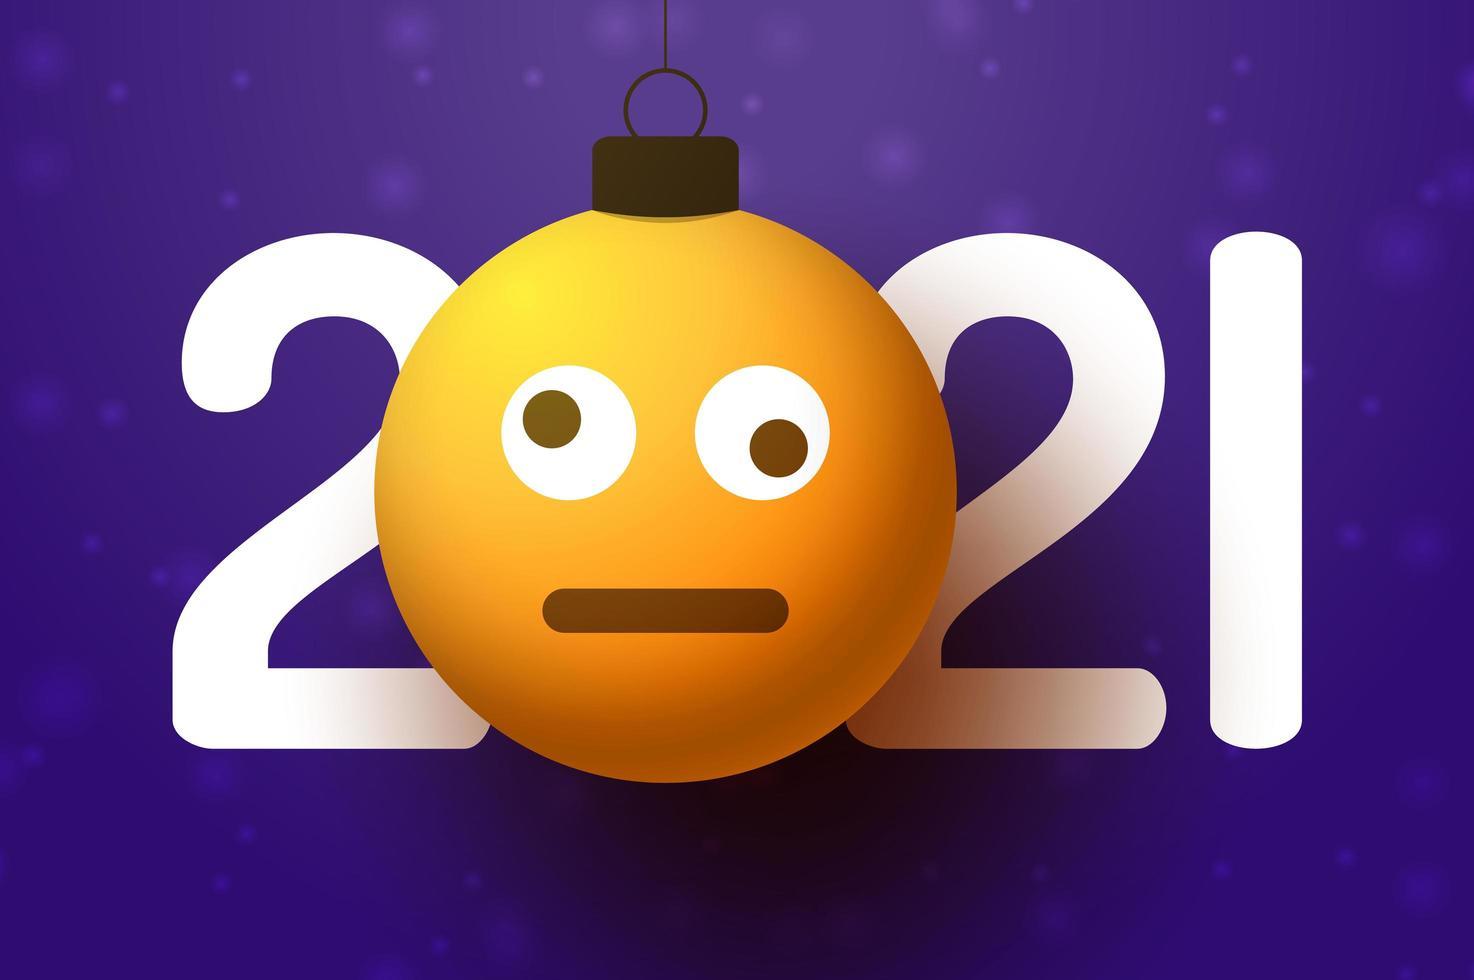 2021 saudação de ano novo com enfeite de rosto emoji confuso vetor